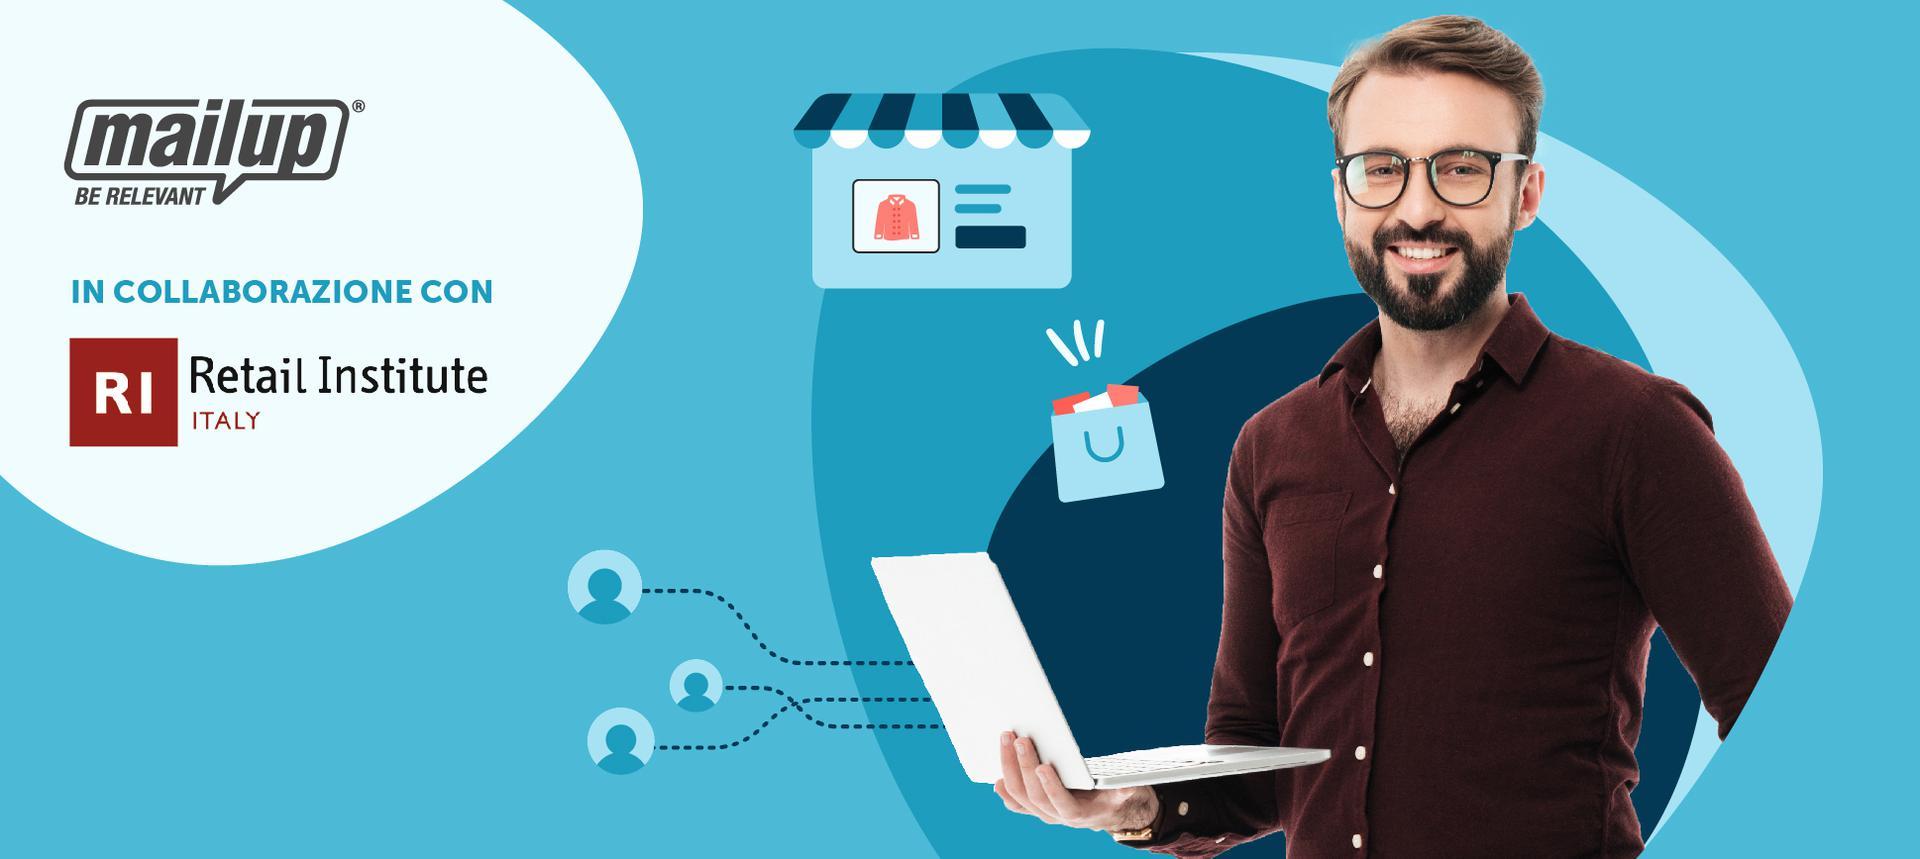 Il Retail Marketing nel 2020: nuovi scenari e strategie digitali